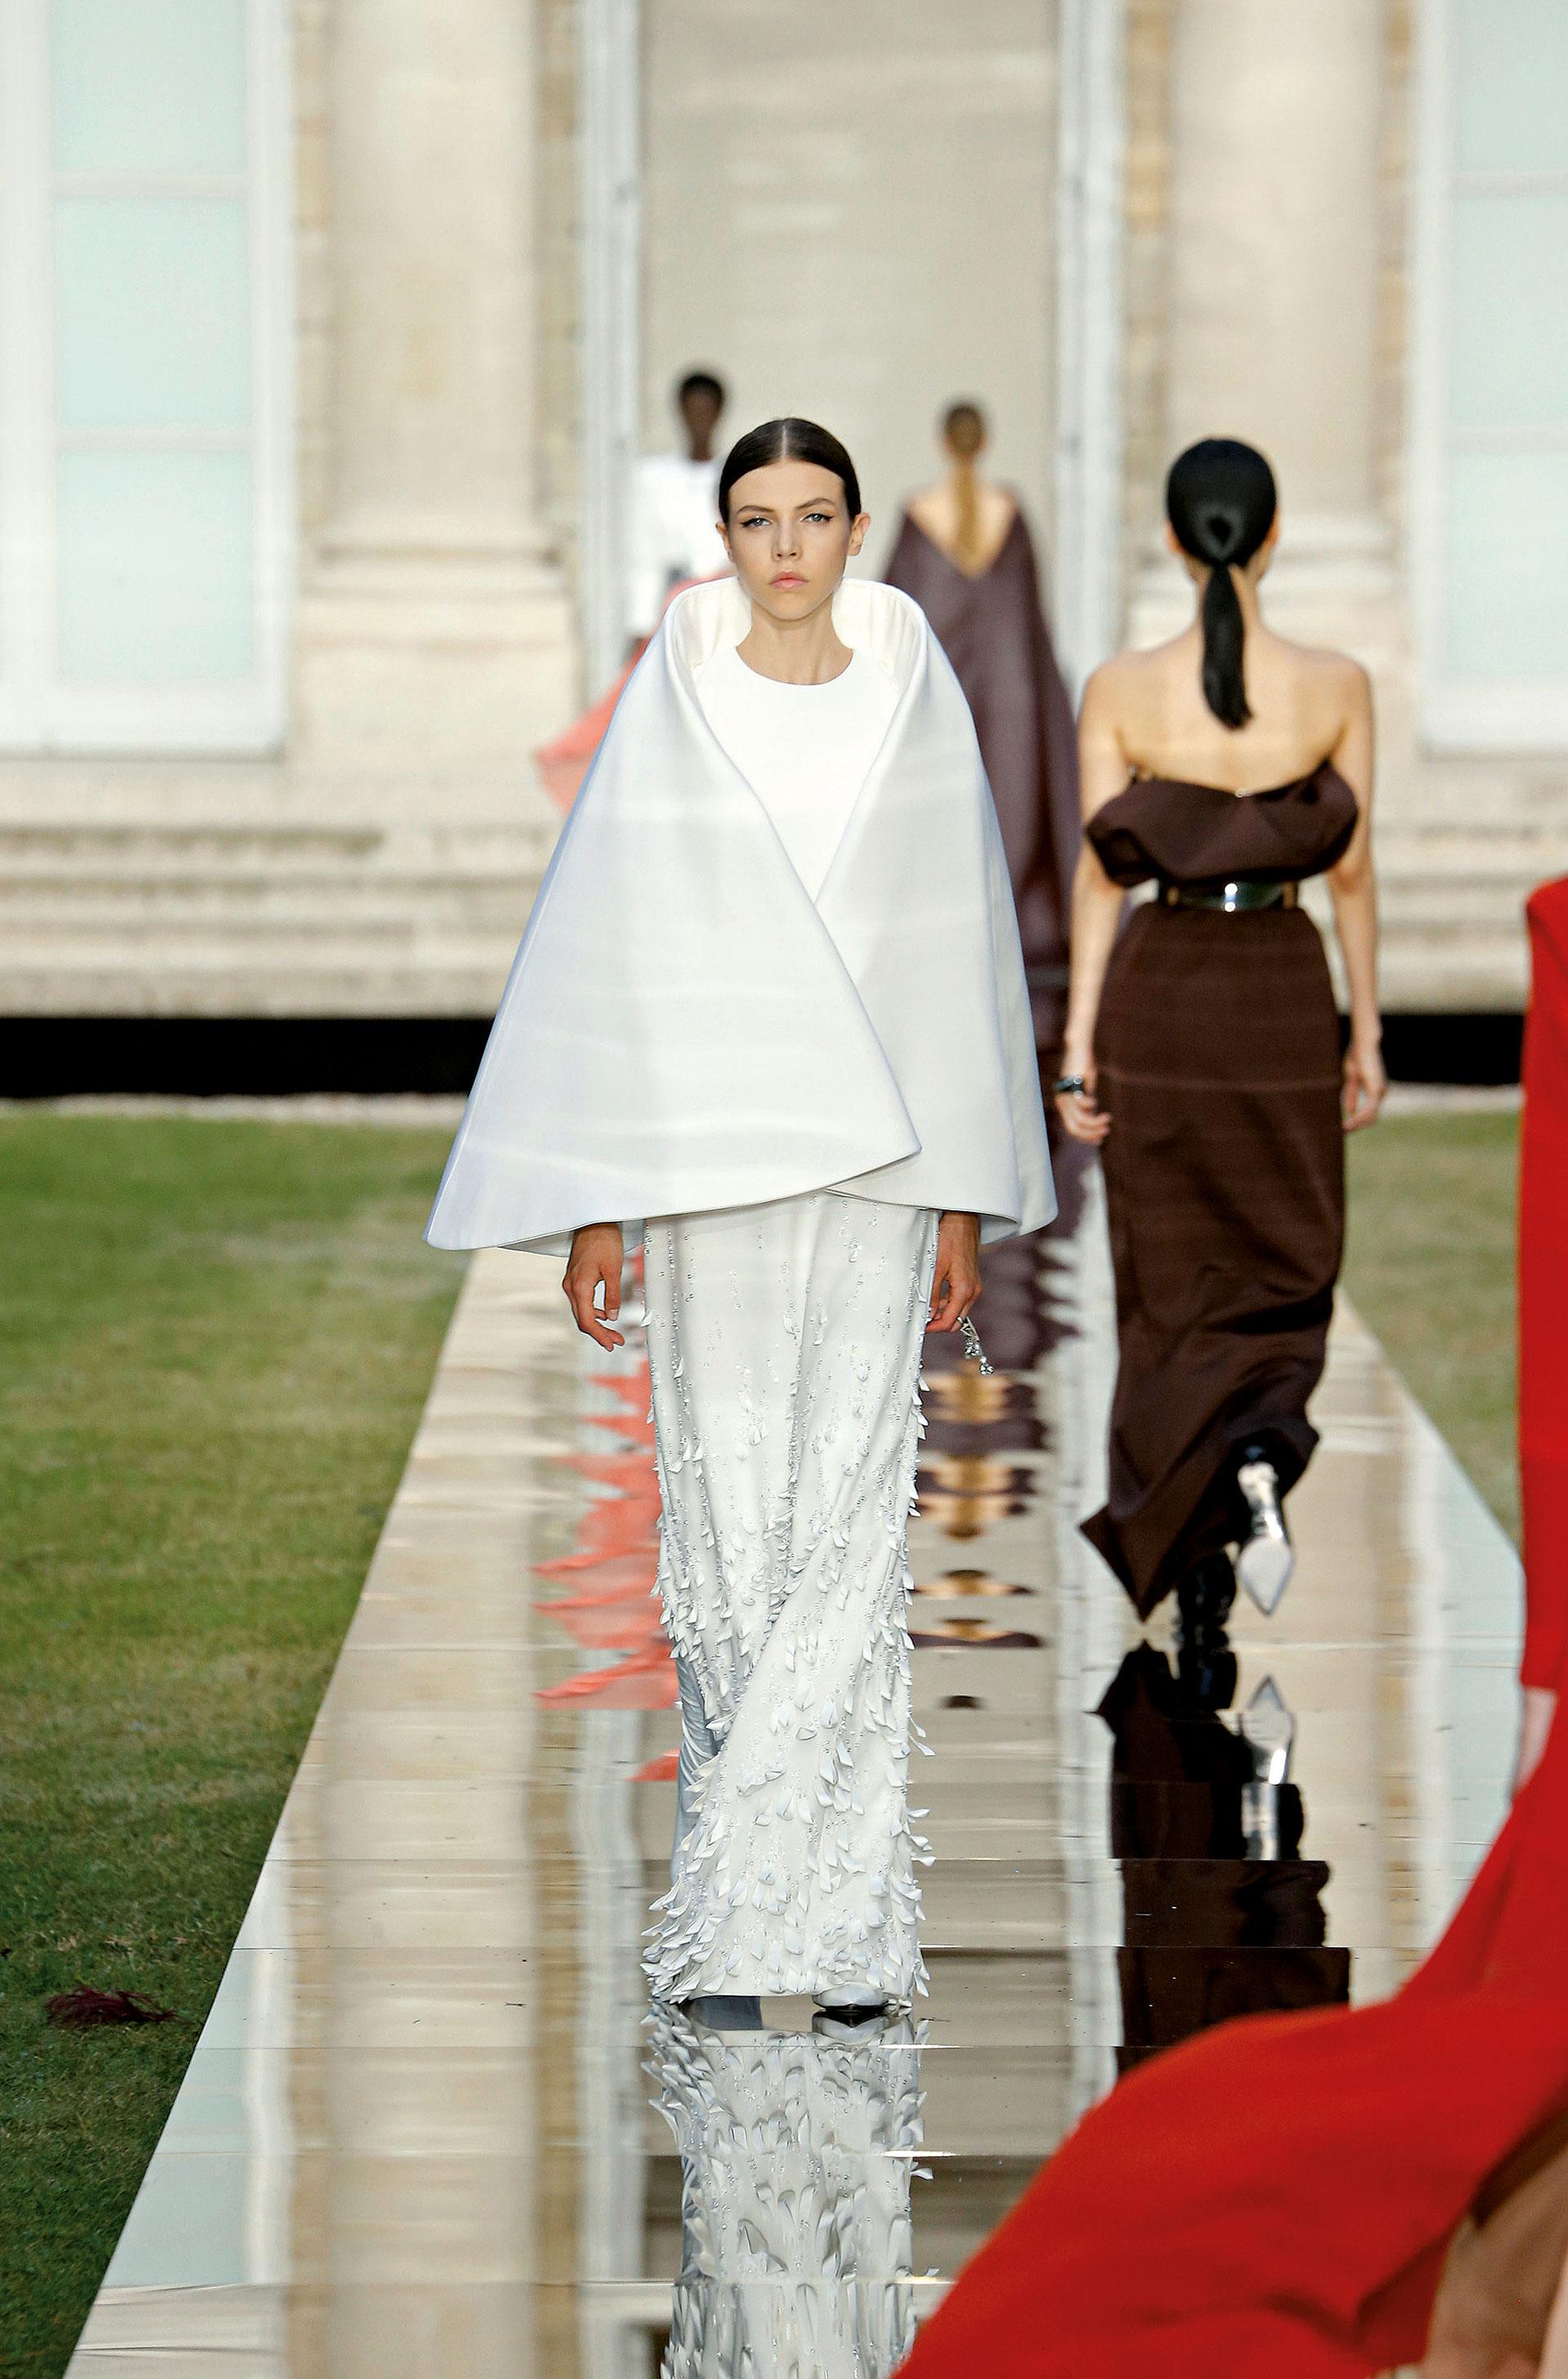 Léa Julian, por su parte, paseó por la pasarela una capa de escote futurista sobre un vestido al cuerpo, de cuello redondo y falda tubo con lazos y piedras aplicados.